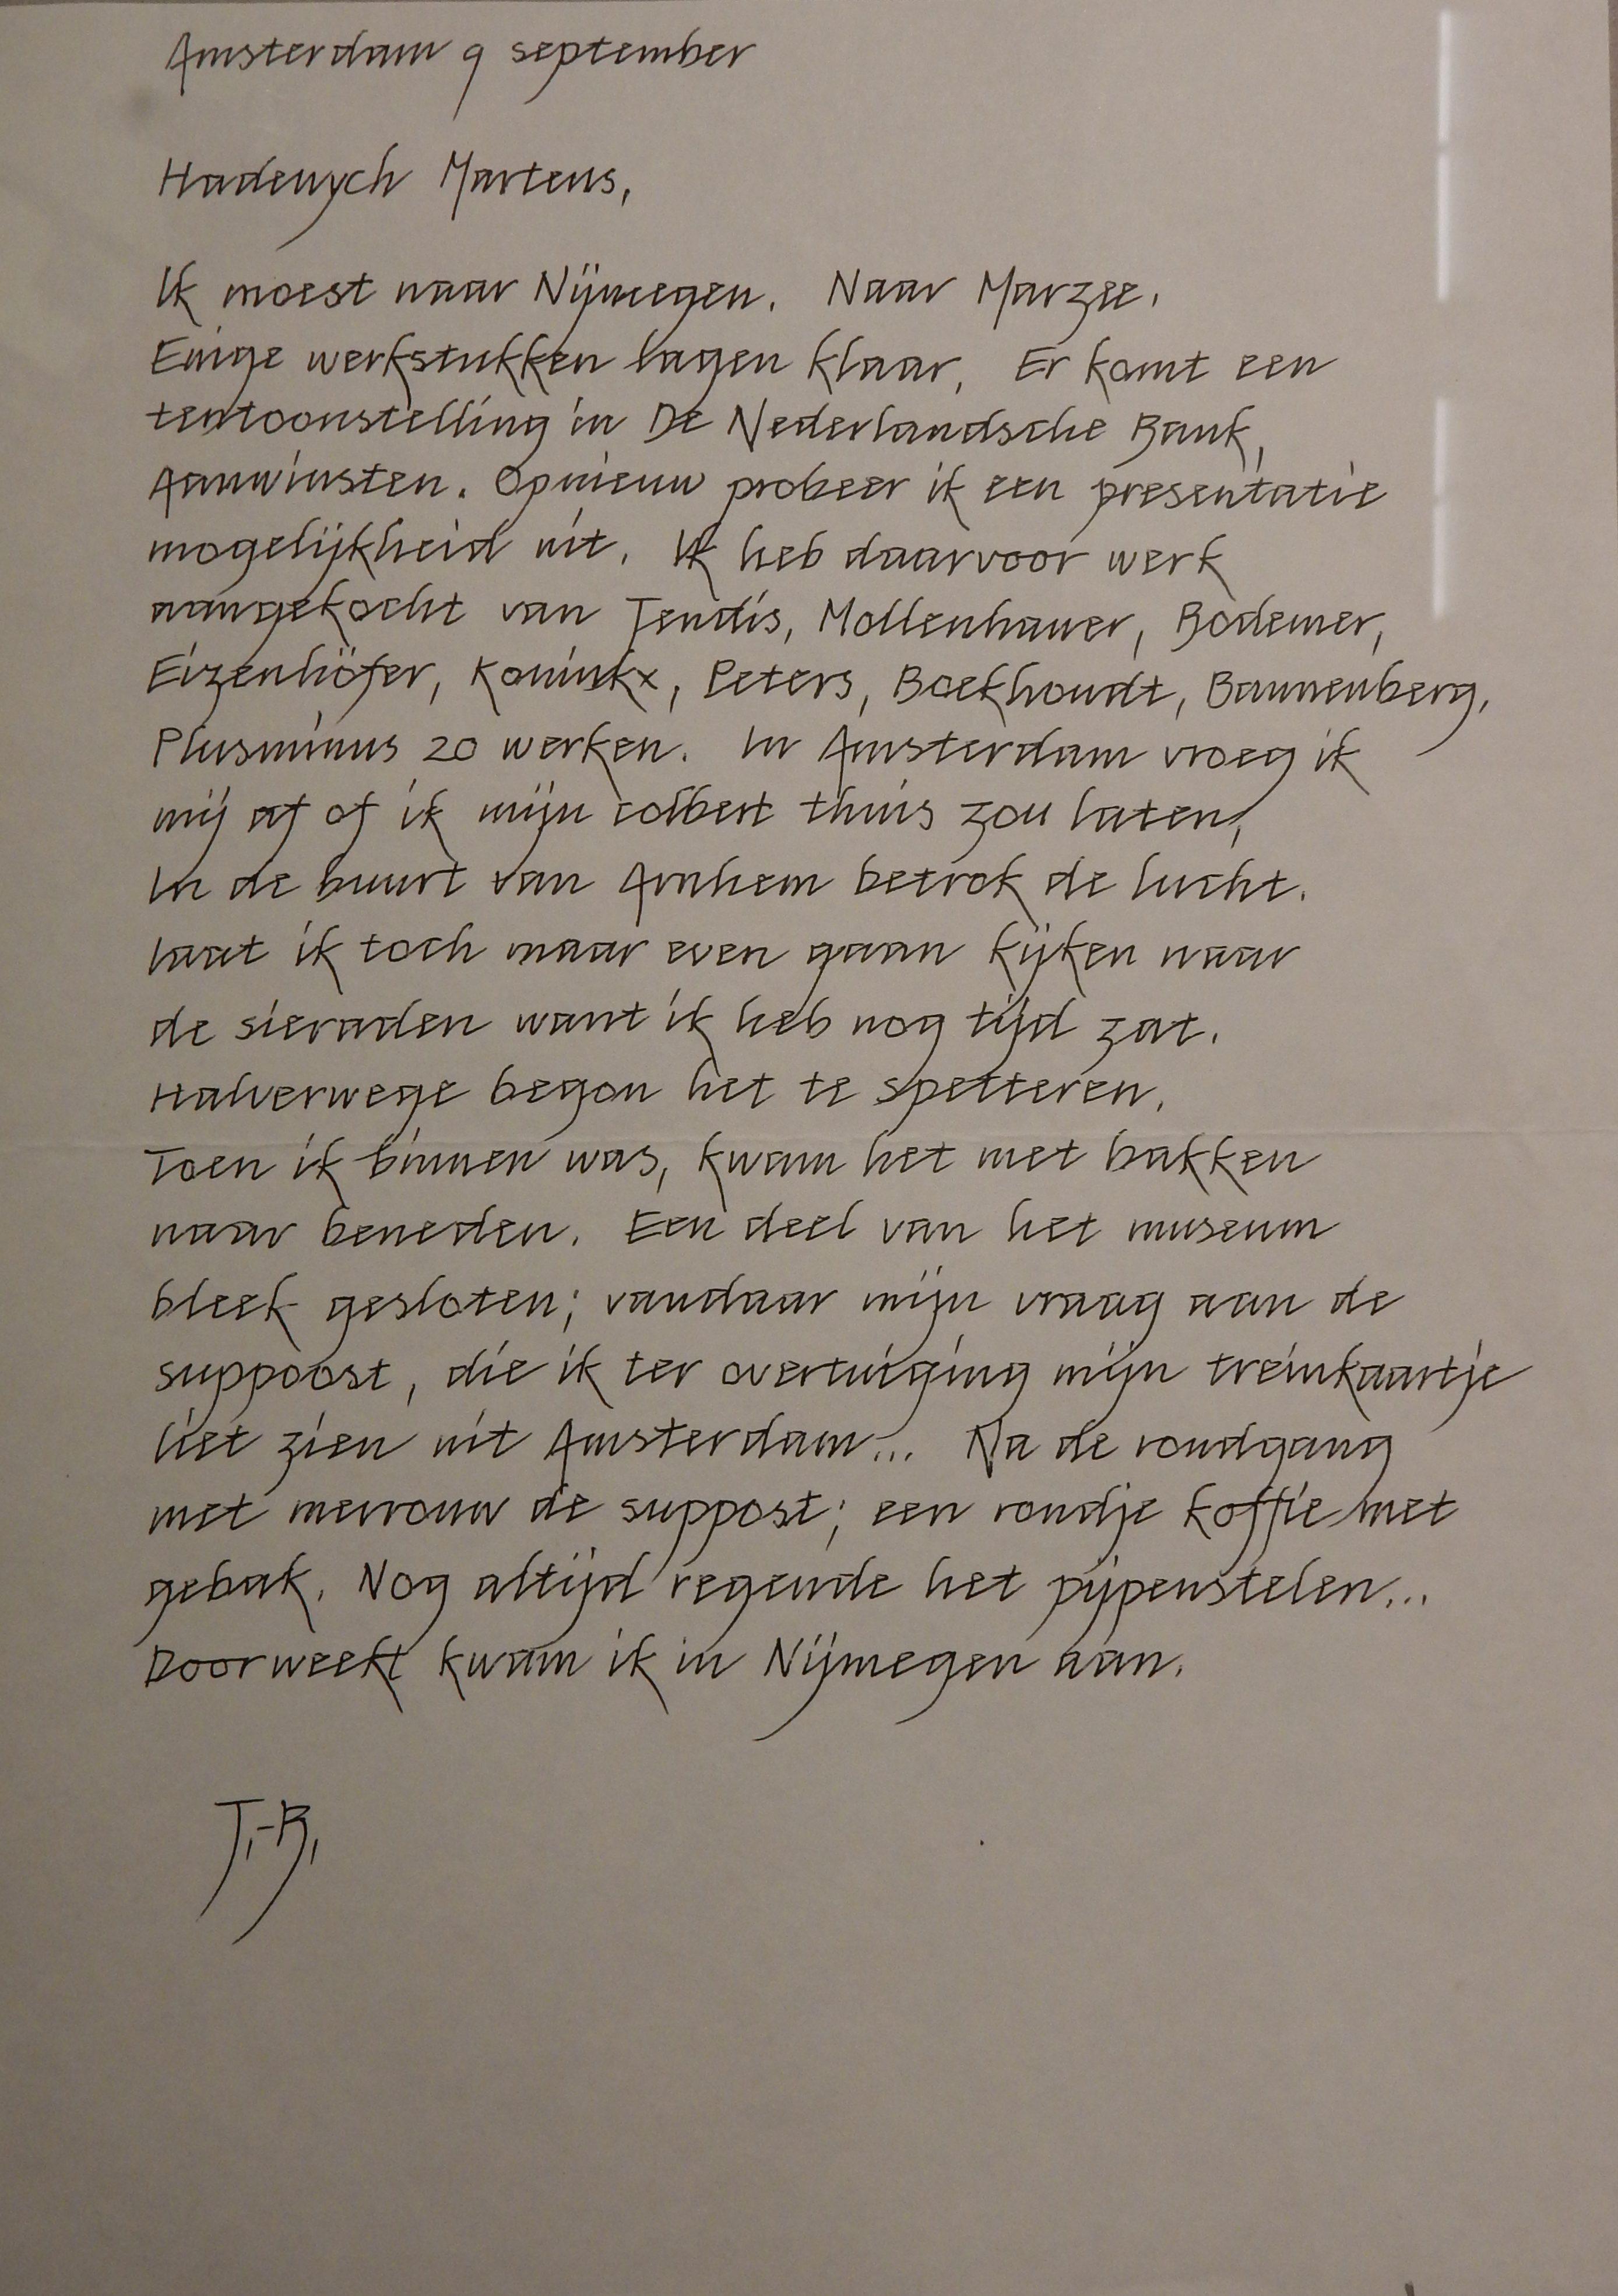 Brief van Jurriaan van den Berg aan Hadewych Martens, de verzameling van Jurriaan van den Berg in CODA, 2018. Foto Esther Doornbusch, CC BY 4.0